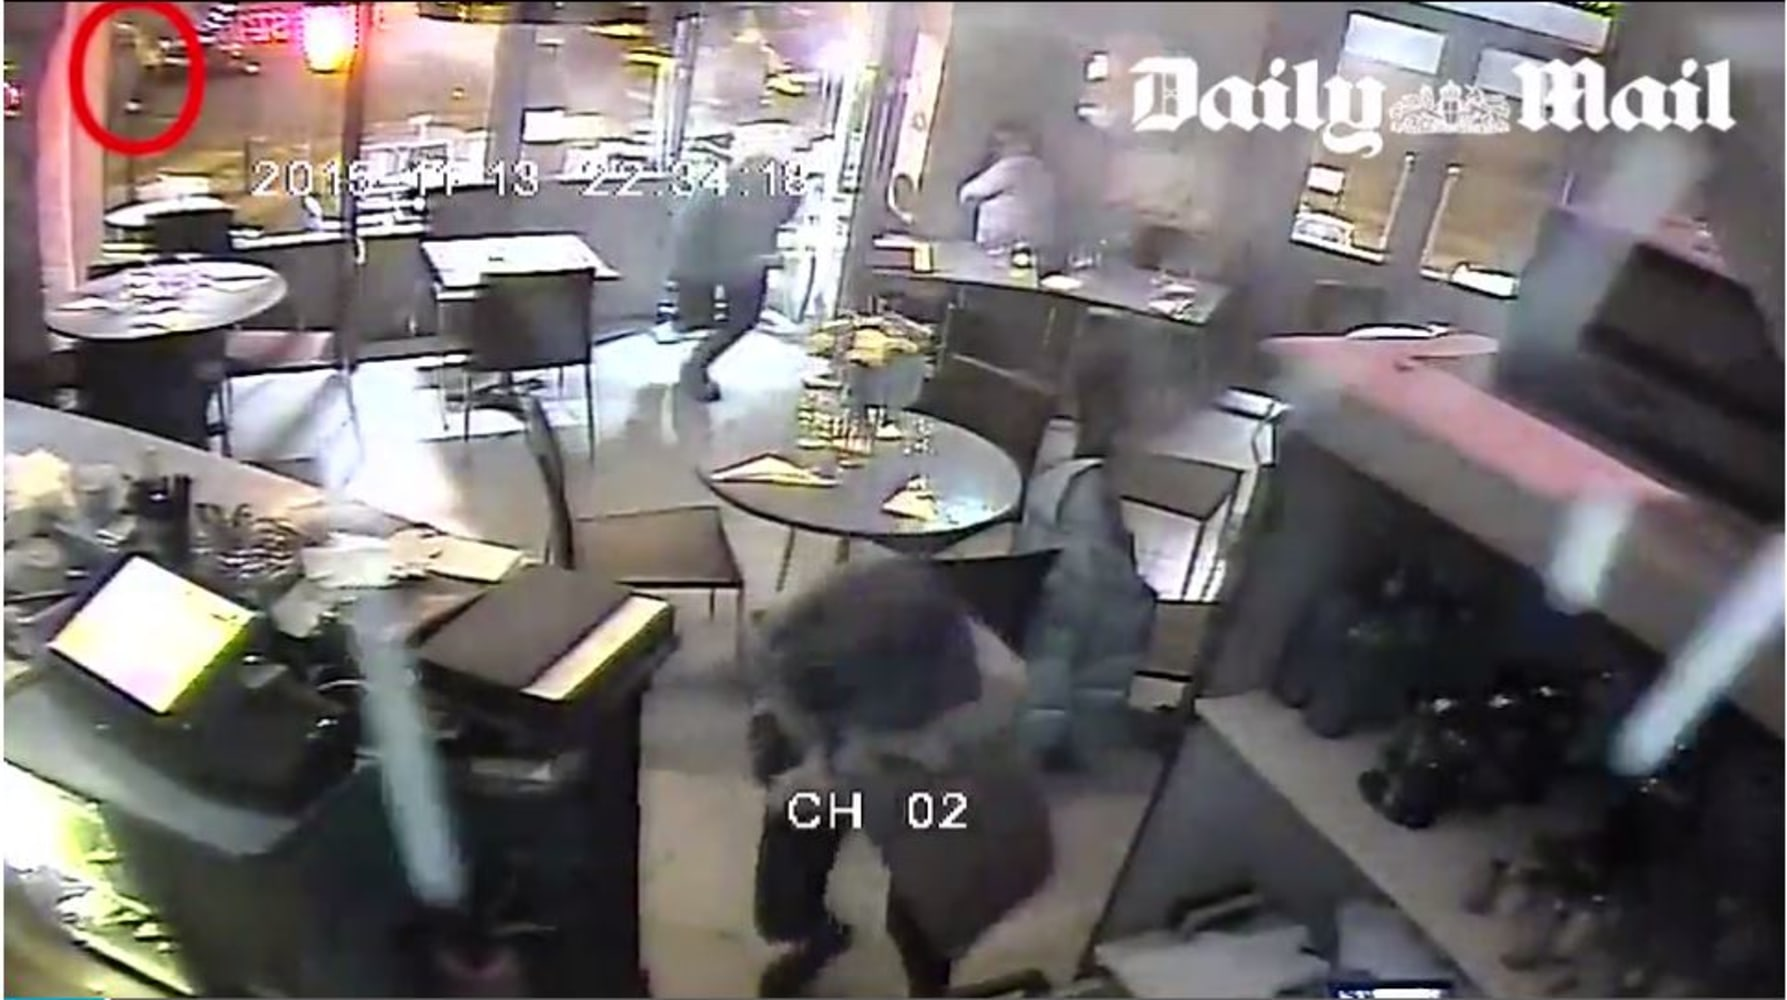 What Restaurant Was Targeted In Paris Terrorist Attack